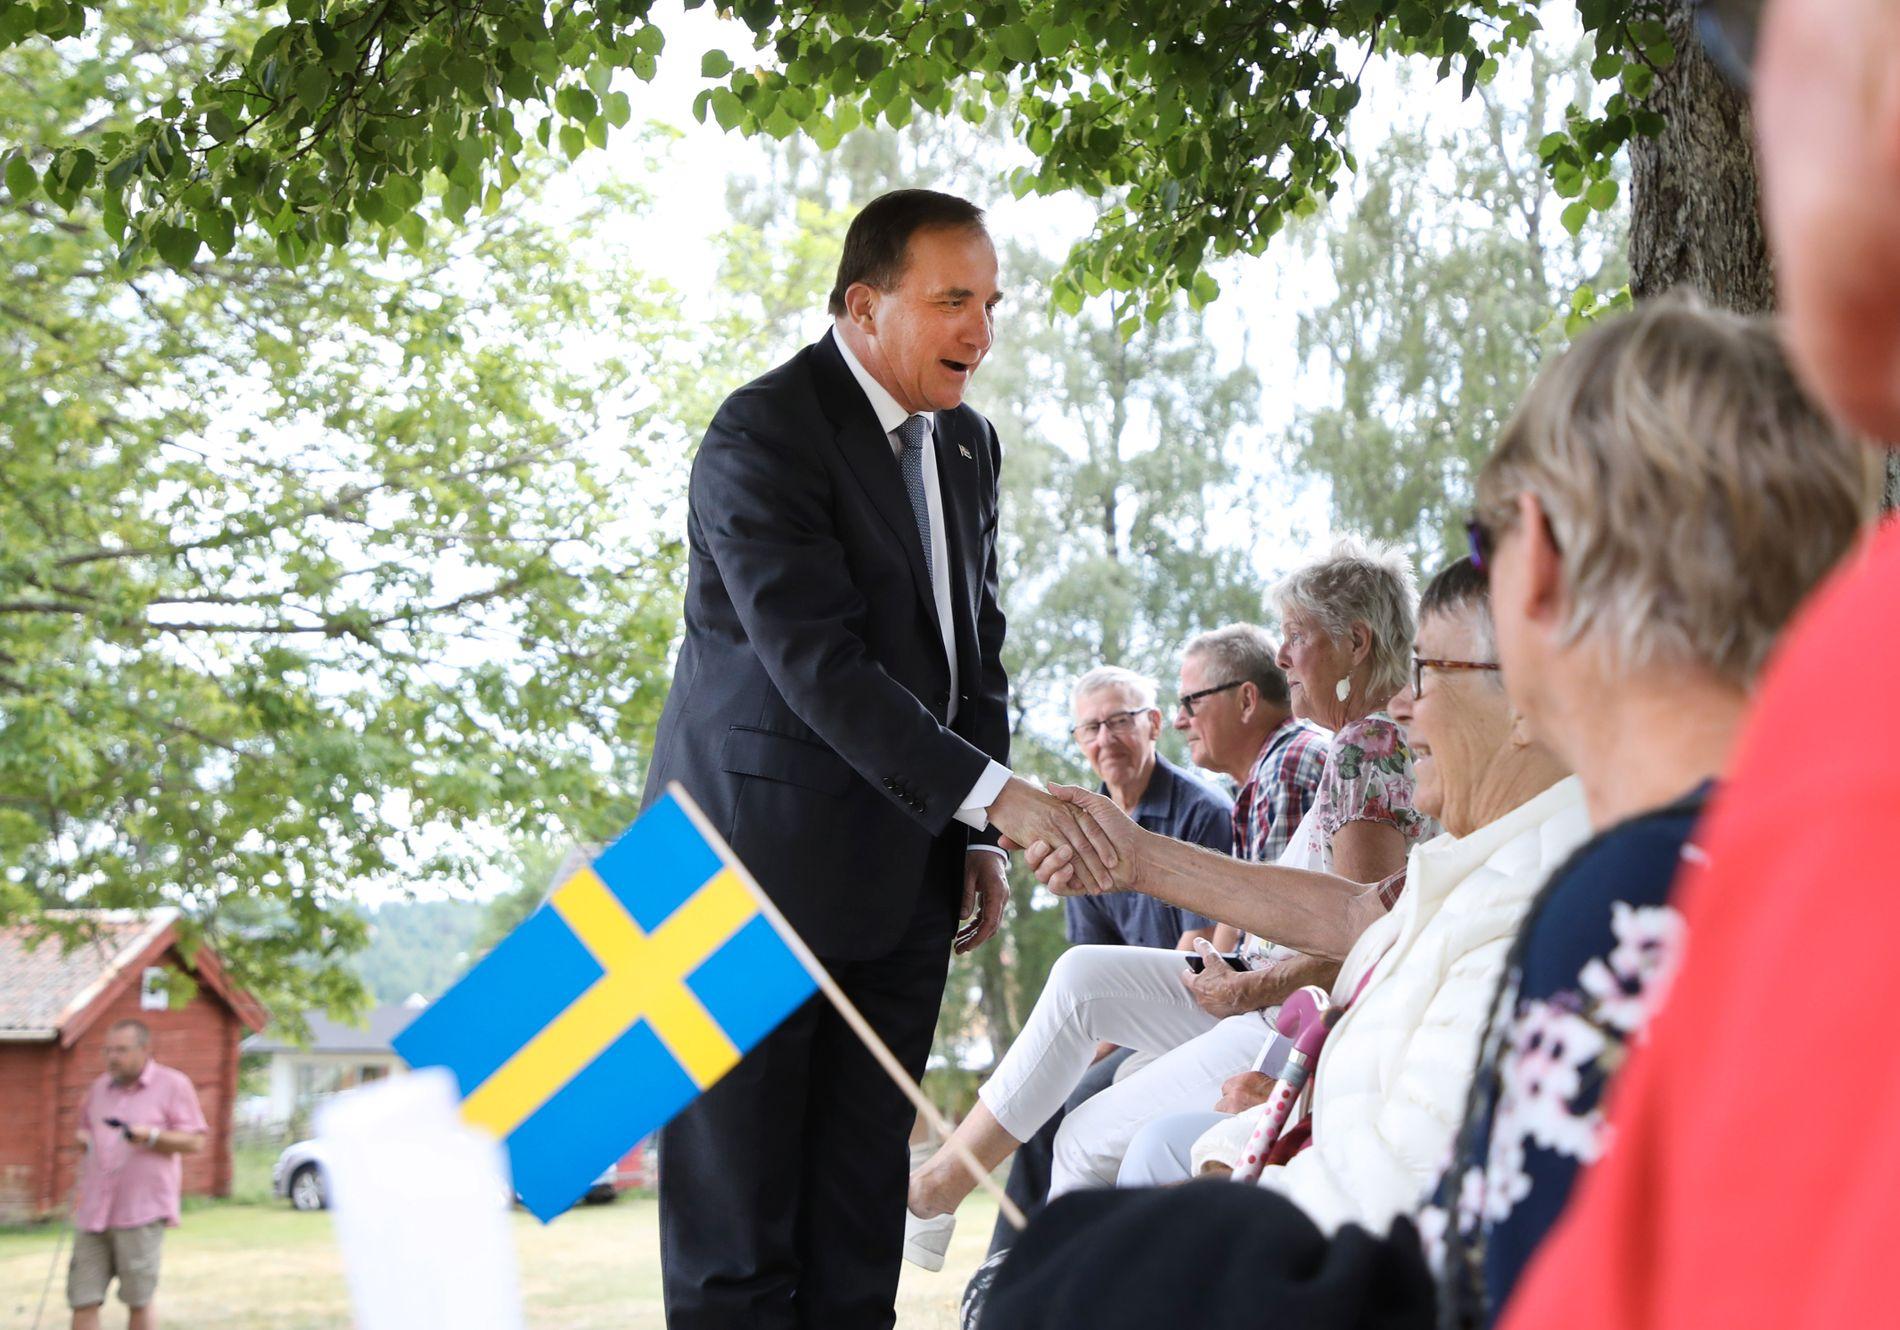 ILLE UTE: Statsminister Stefan Löfven ligger dårlig an før det svenske valget i september. Her feirer han nasjonaldagen i Mullsjö.